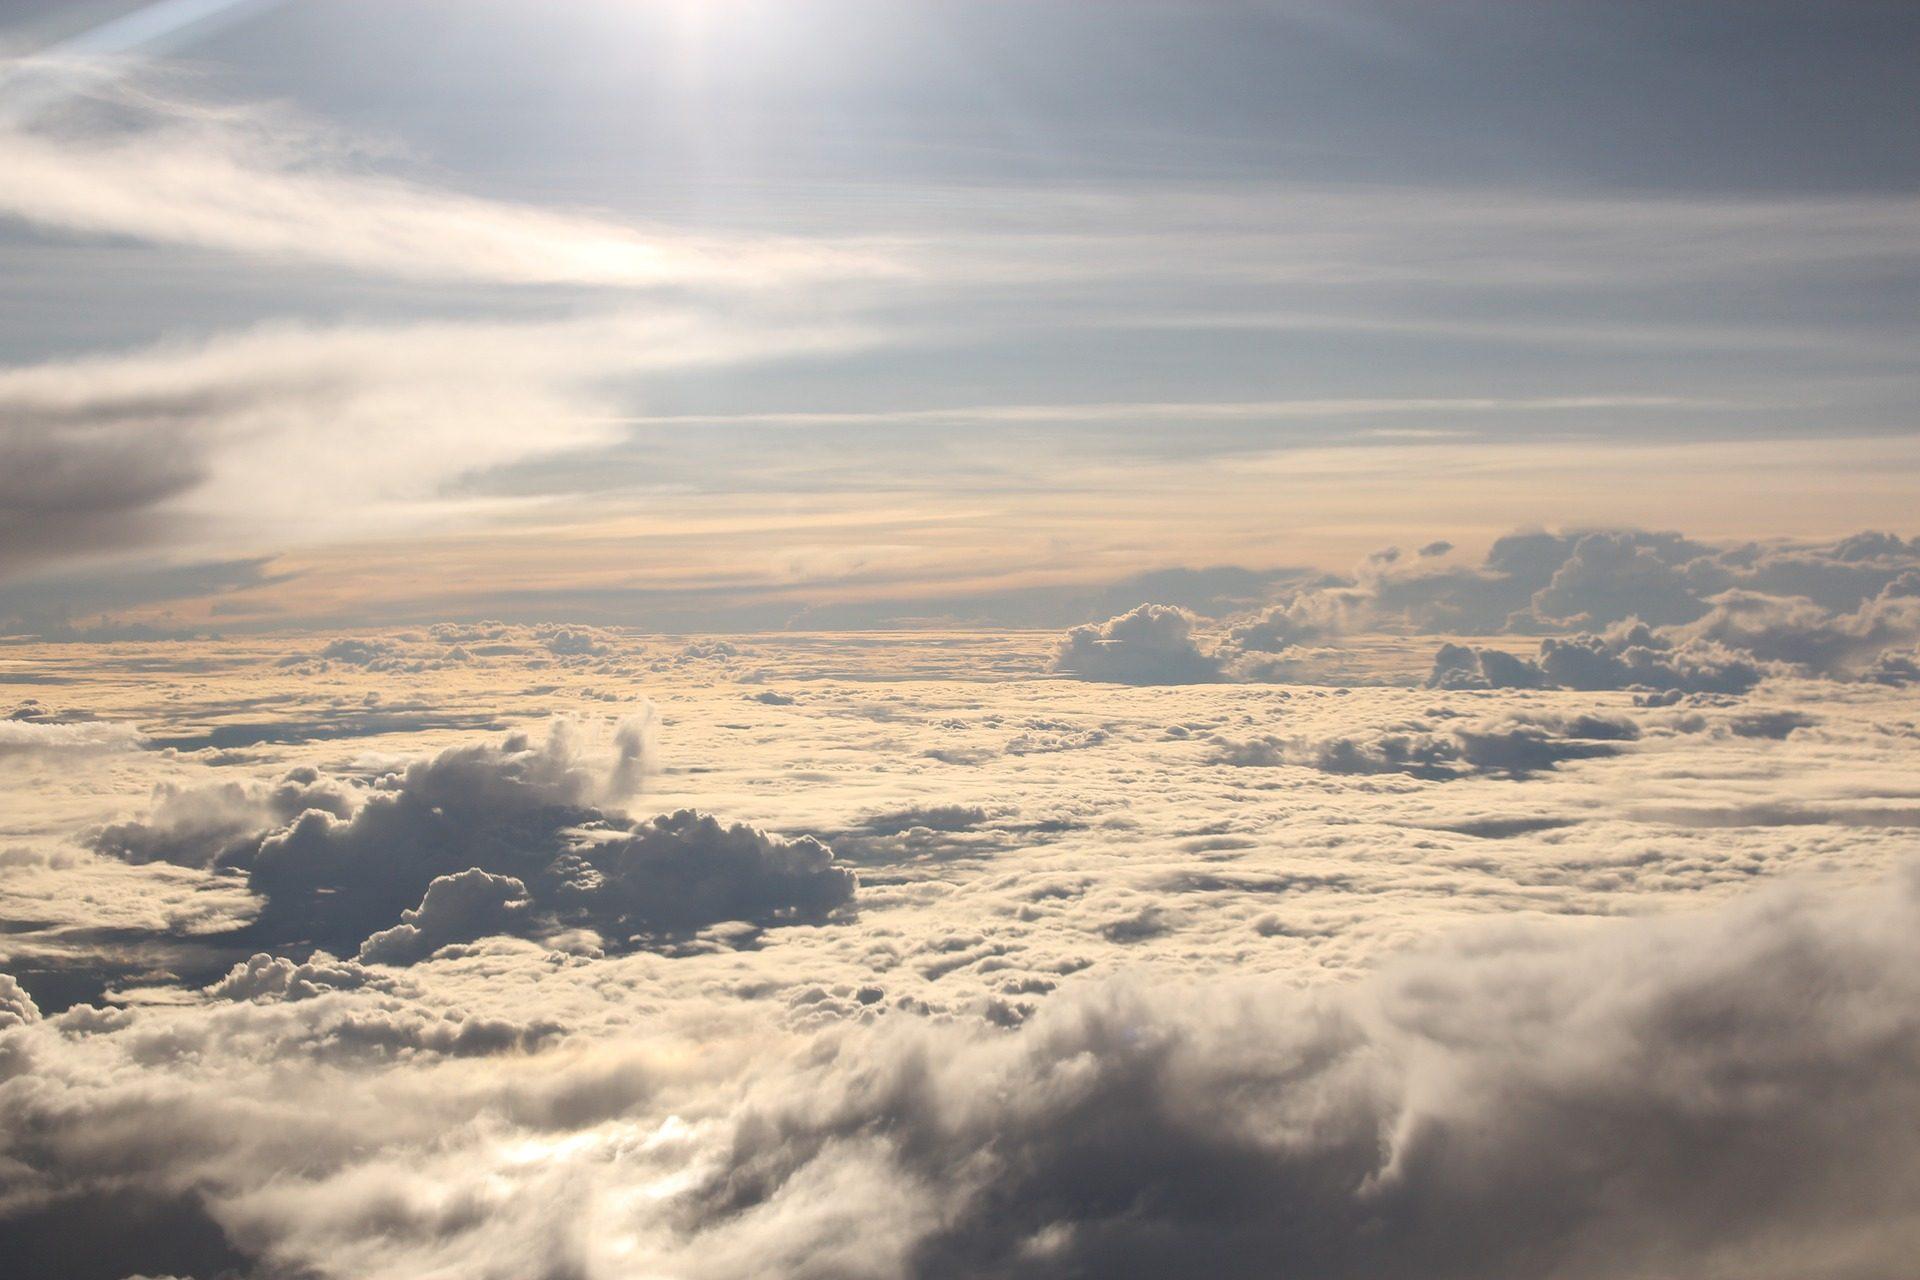 السحب., عباءة, السماء, مرتفعات, يطير - خلفيات عالية الدقة - أستاذ falken.com